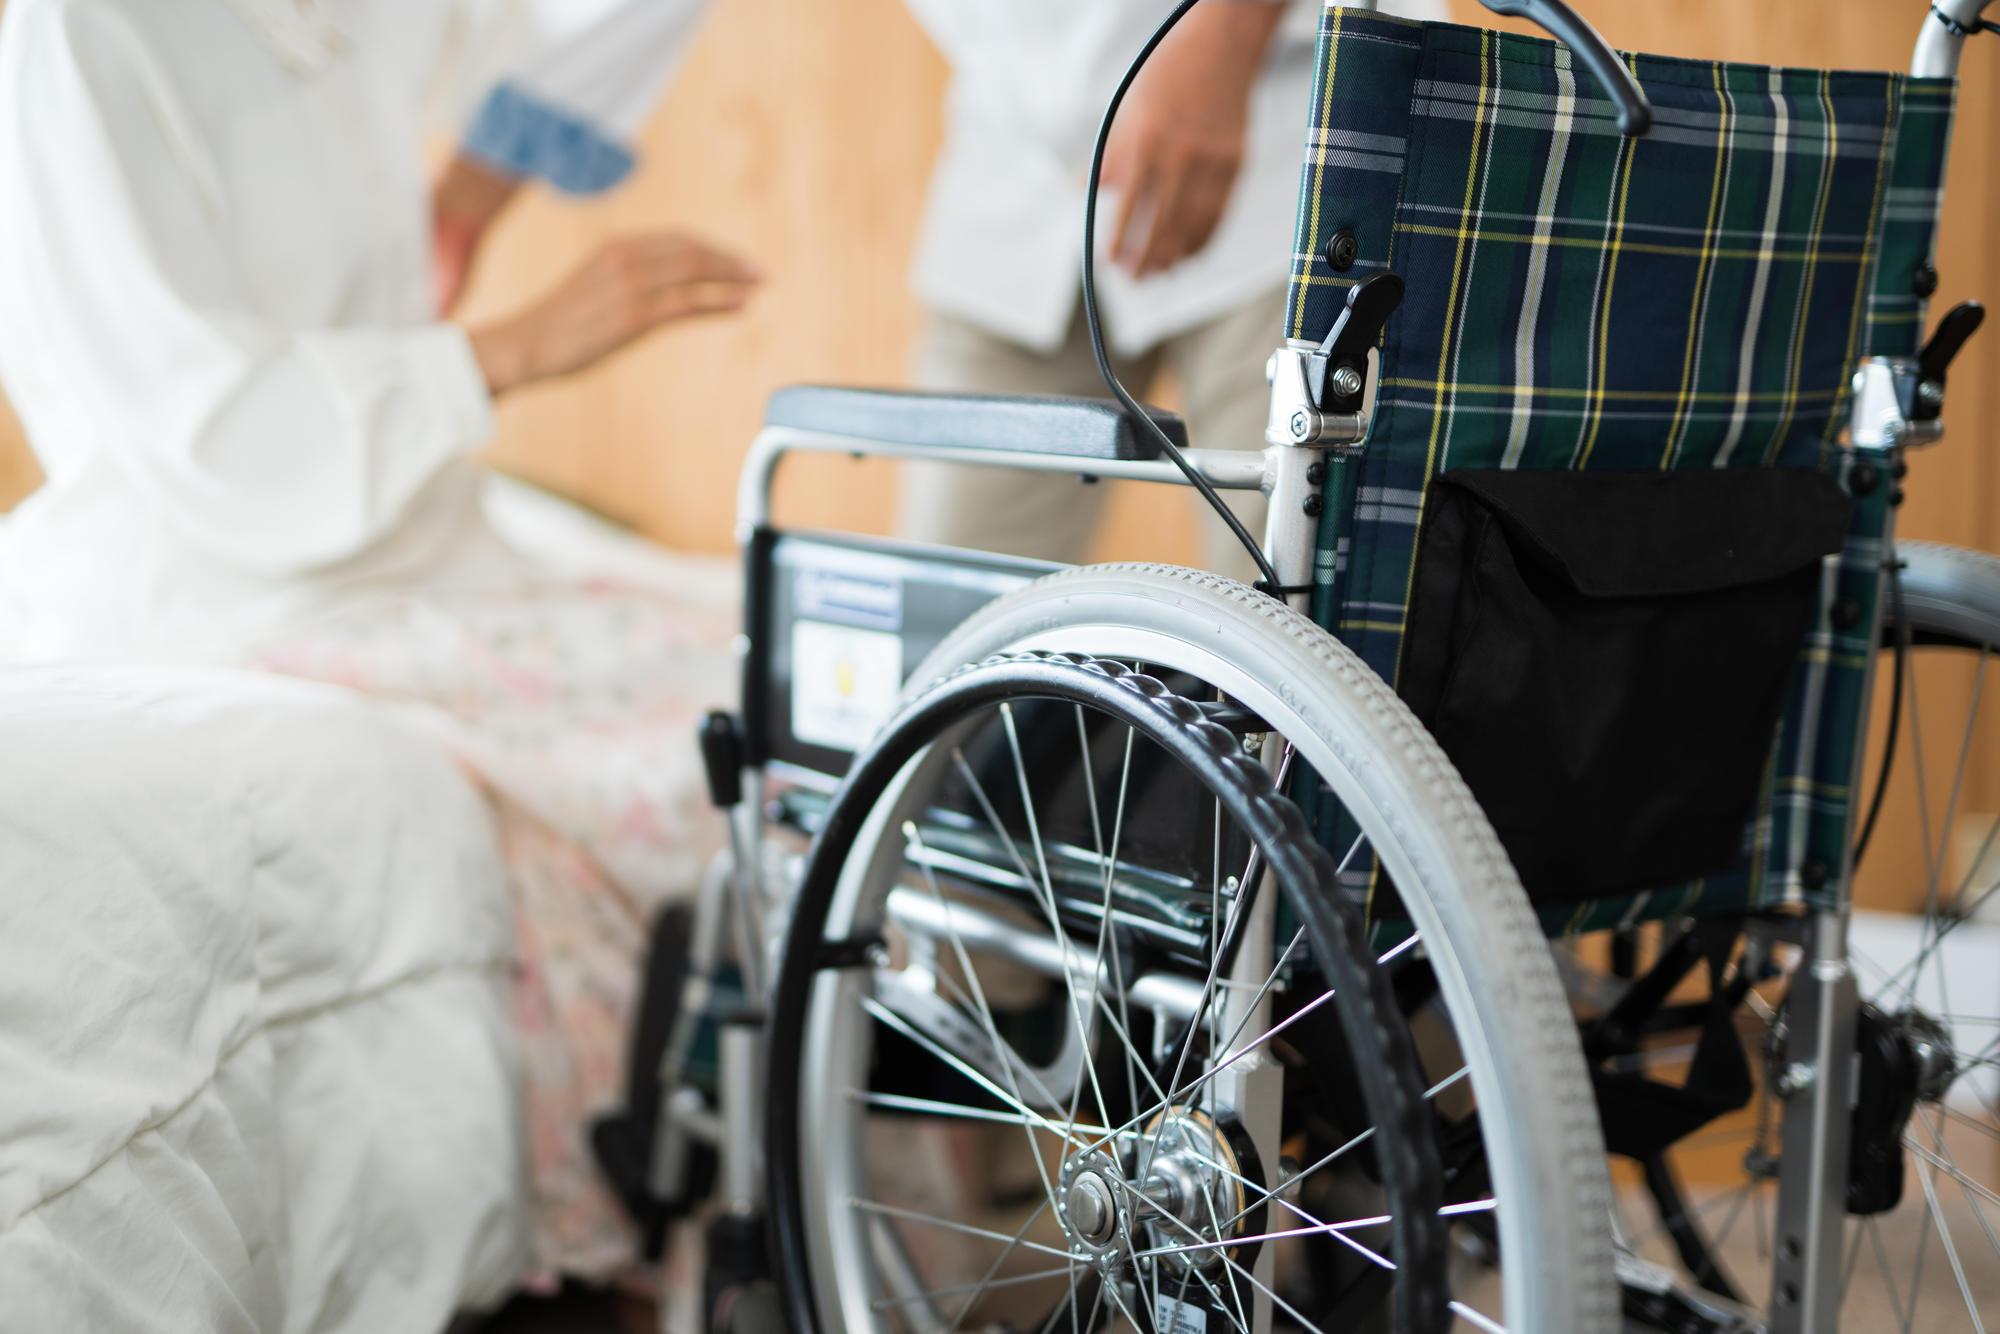 「ケアラー支援条例」成立の背景にある介護者の社会的孤立|介護のコラム